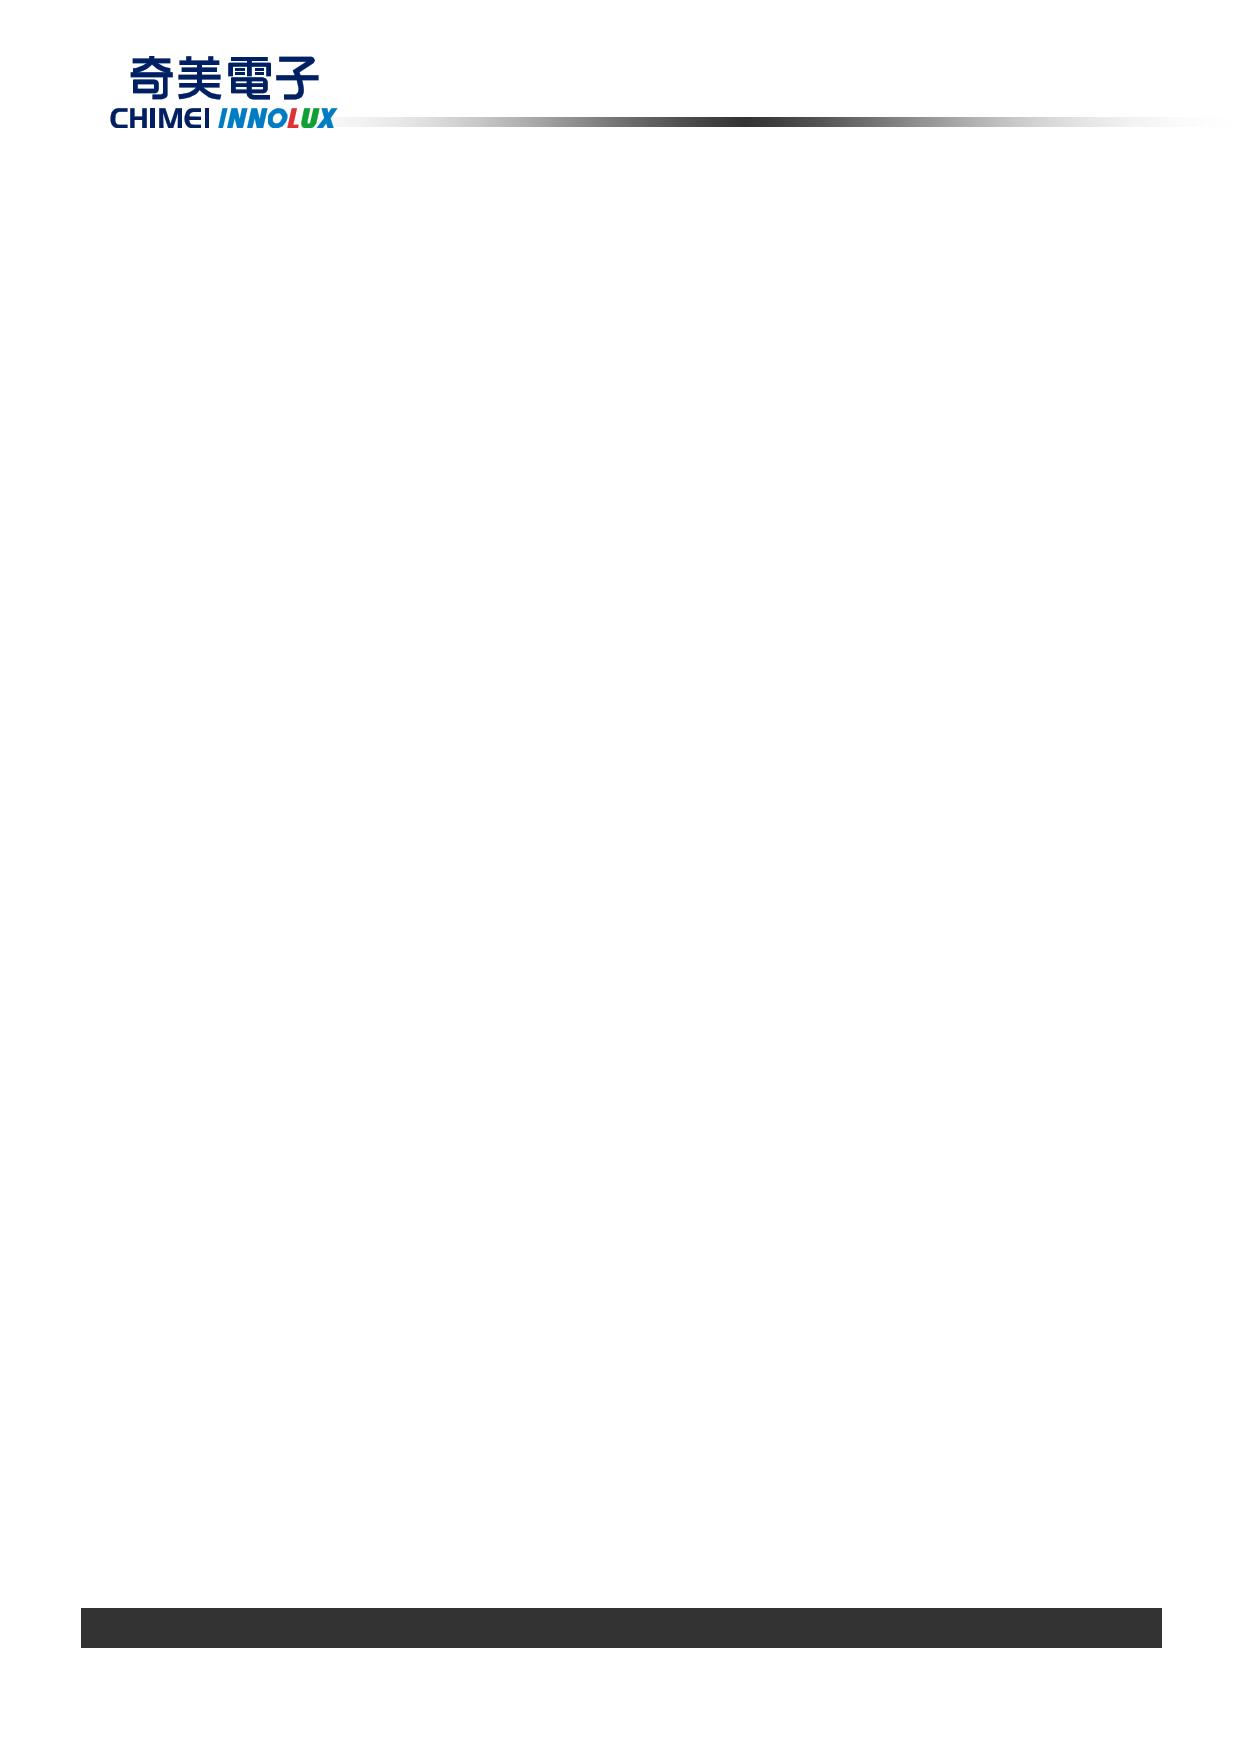 G057VGE-T01 Даташит, Описание, Даташиты